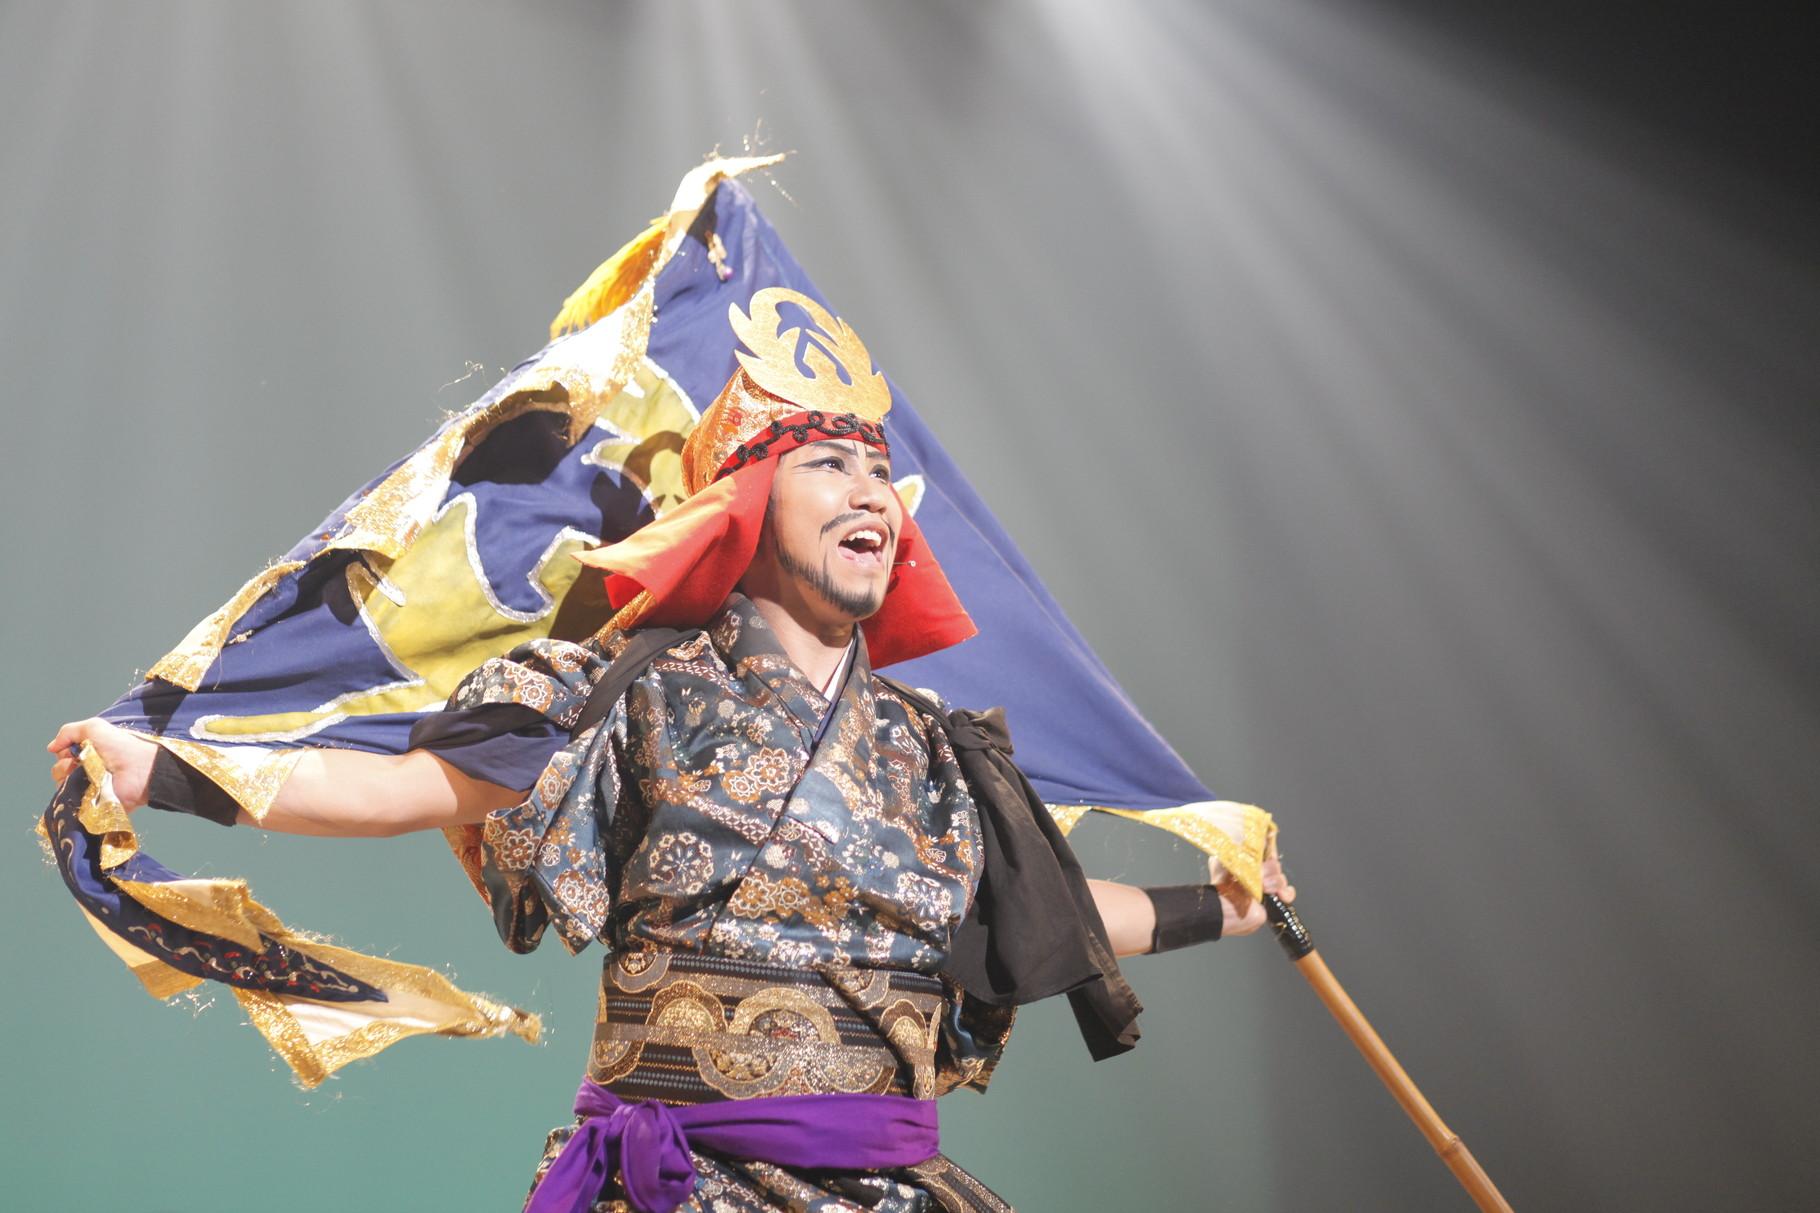 沖縄生まれの奇跡の舞台 - 現代...